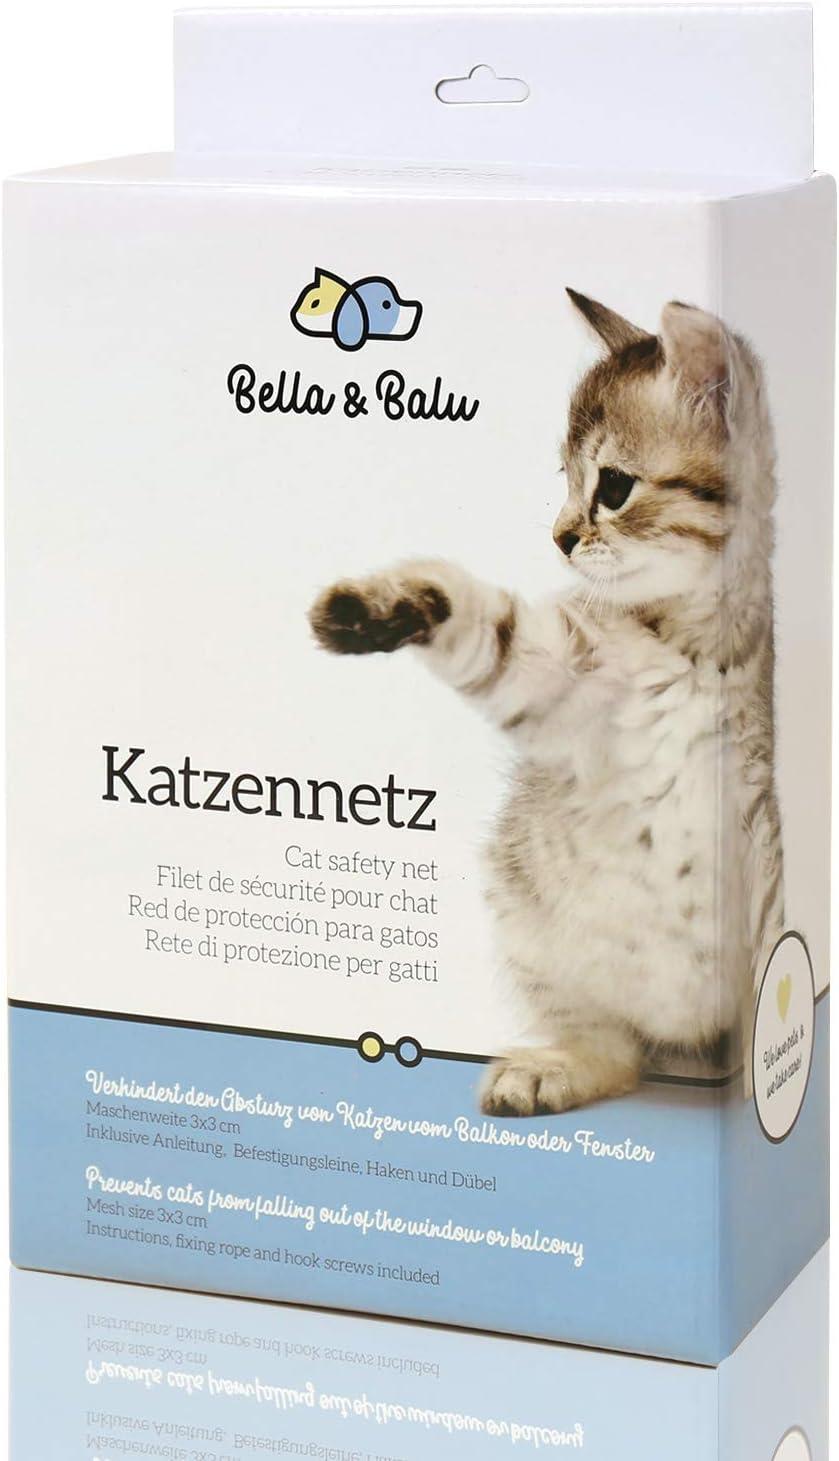 Bella & Balu Red para Gatos (Transparente | 4 x 3) Incl. Gancho, Tacos, Cuerda e Instrucciones. Red de protección para Gato Transparente para Balcones, terrazas, Ventanas y Puertas